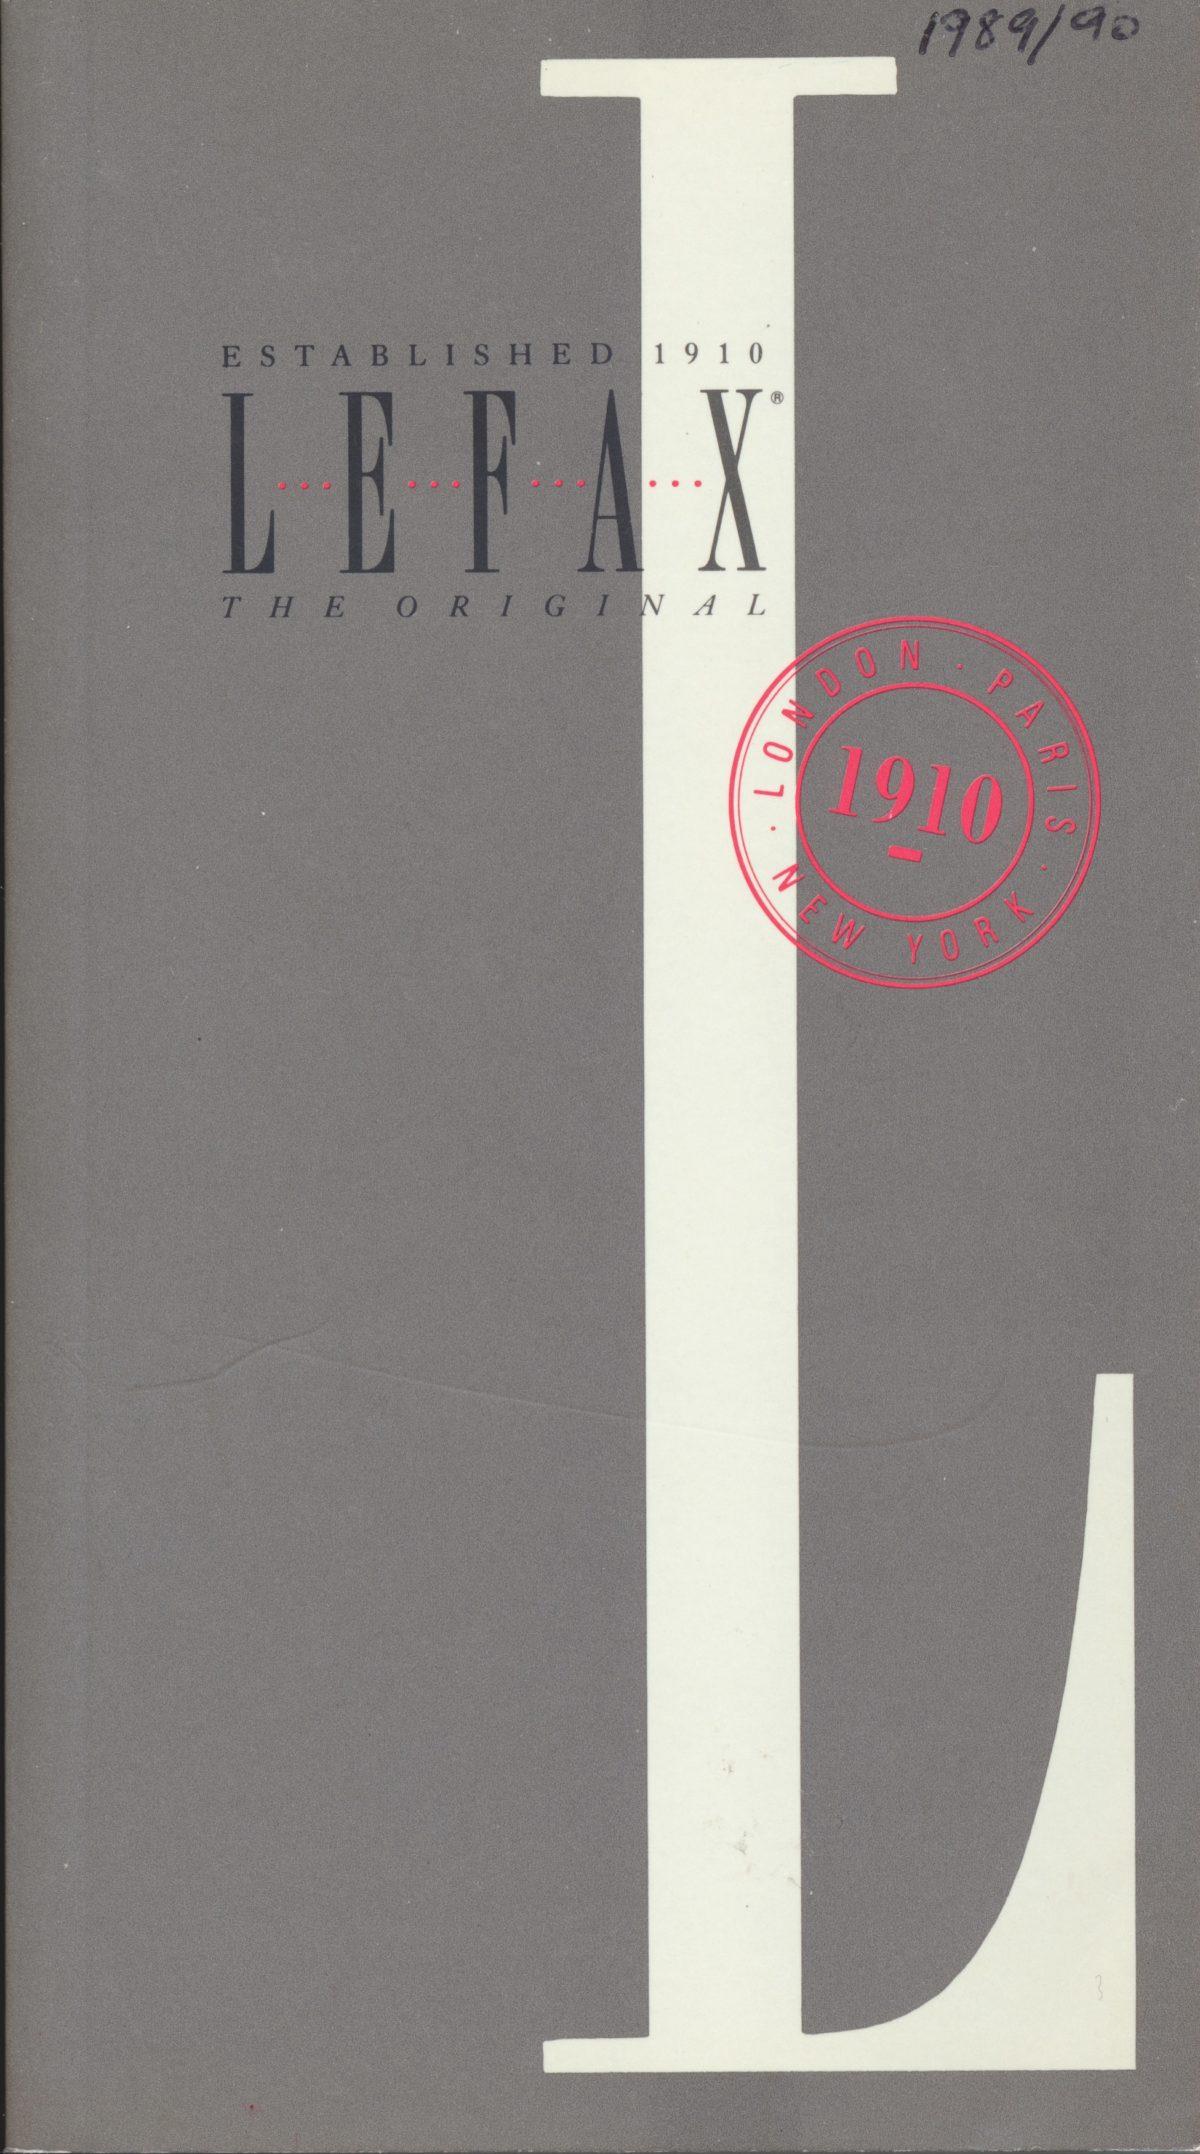 Lefax 1989-1990 Catalogue